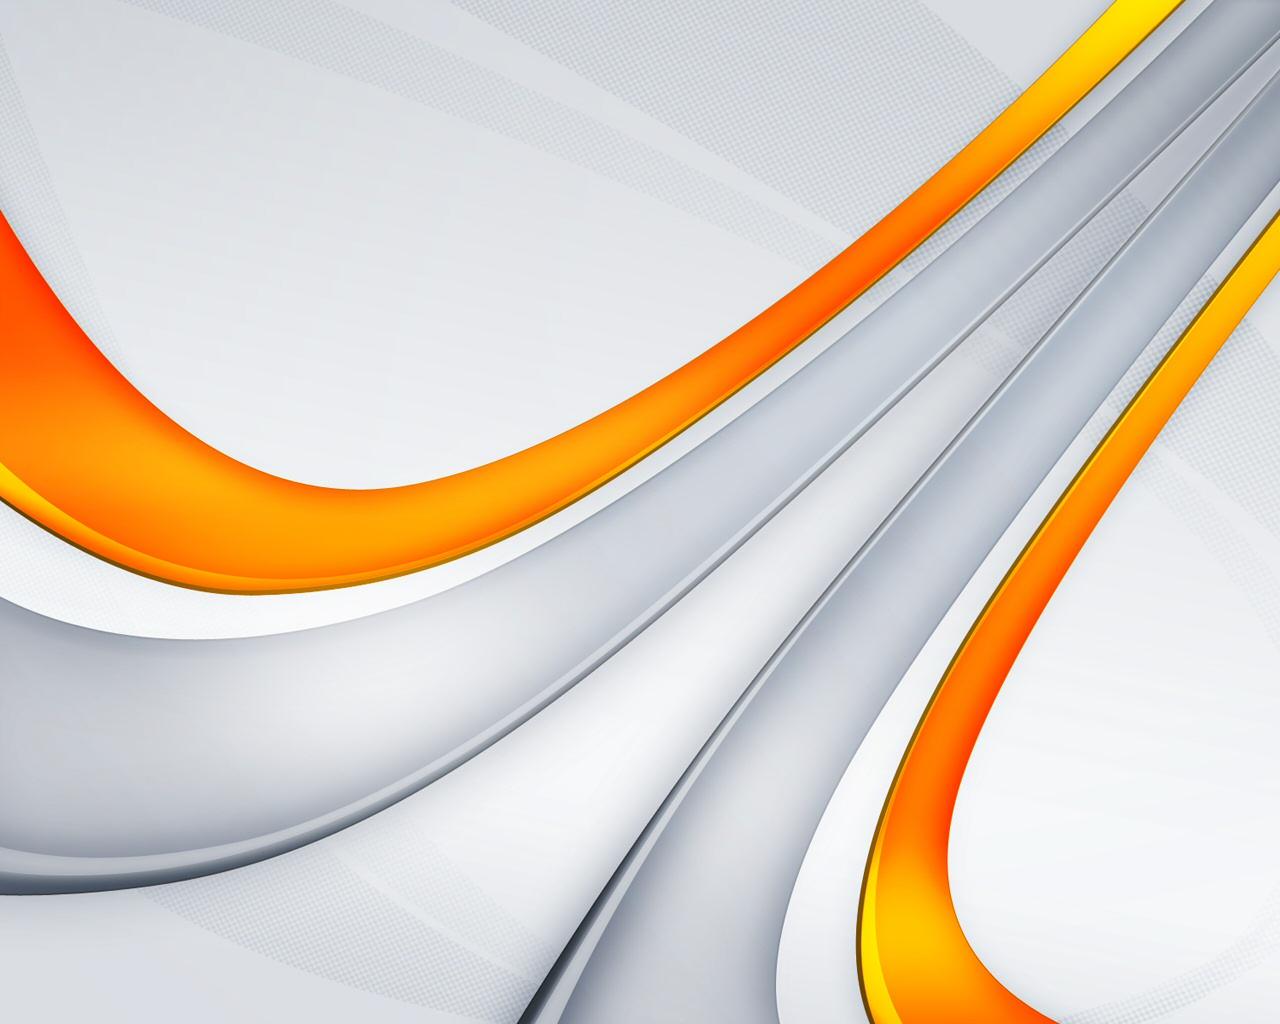 Creative Abstract Desktop Wallpaper Designs NetFandu 1280x1024